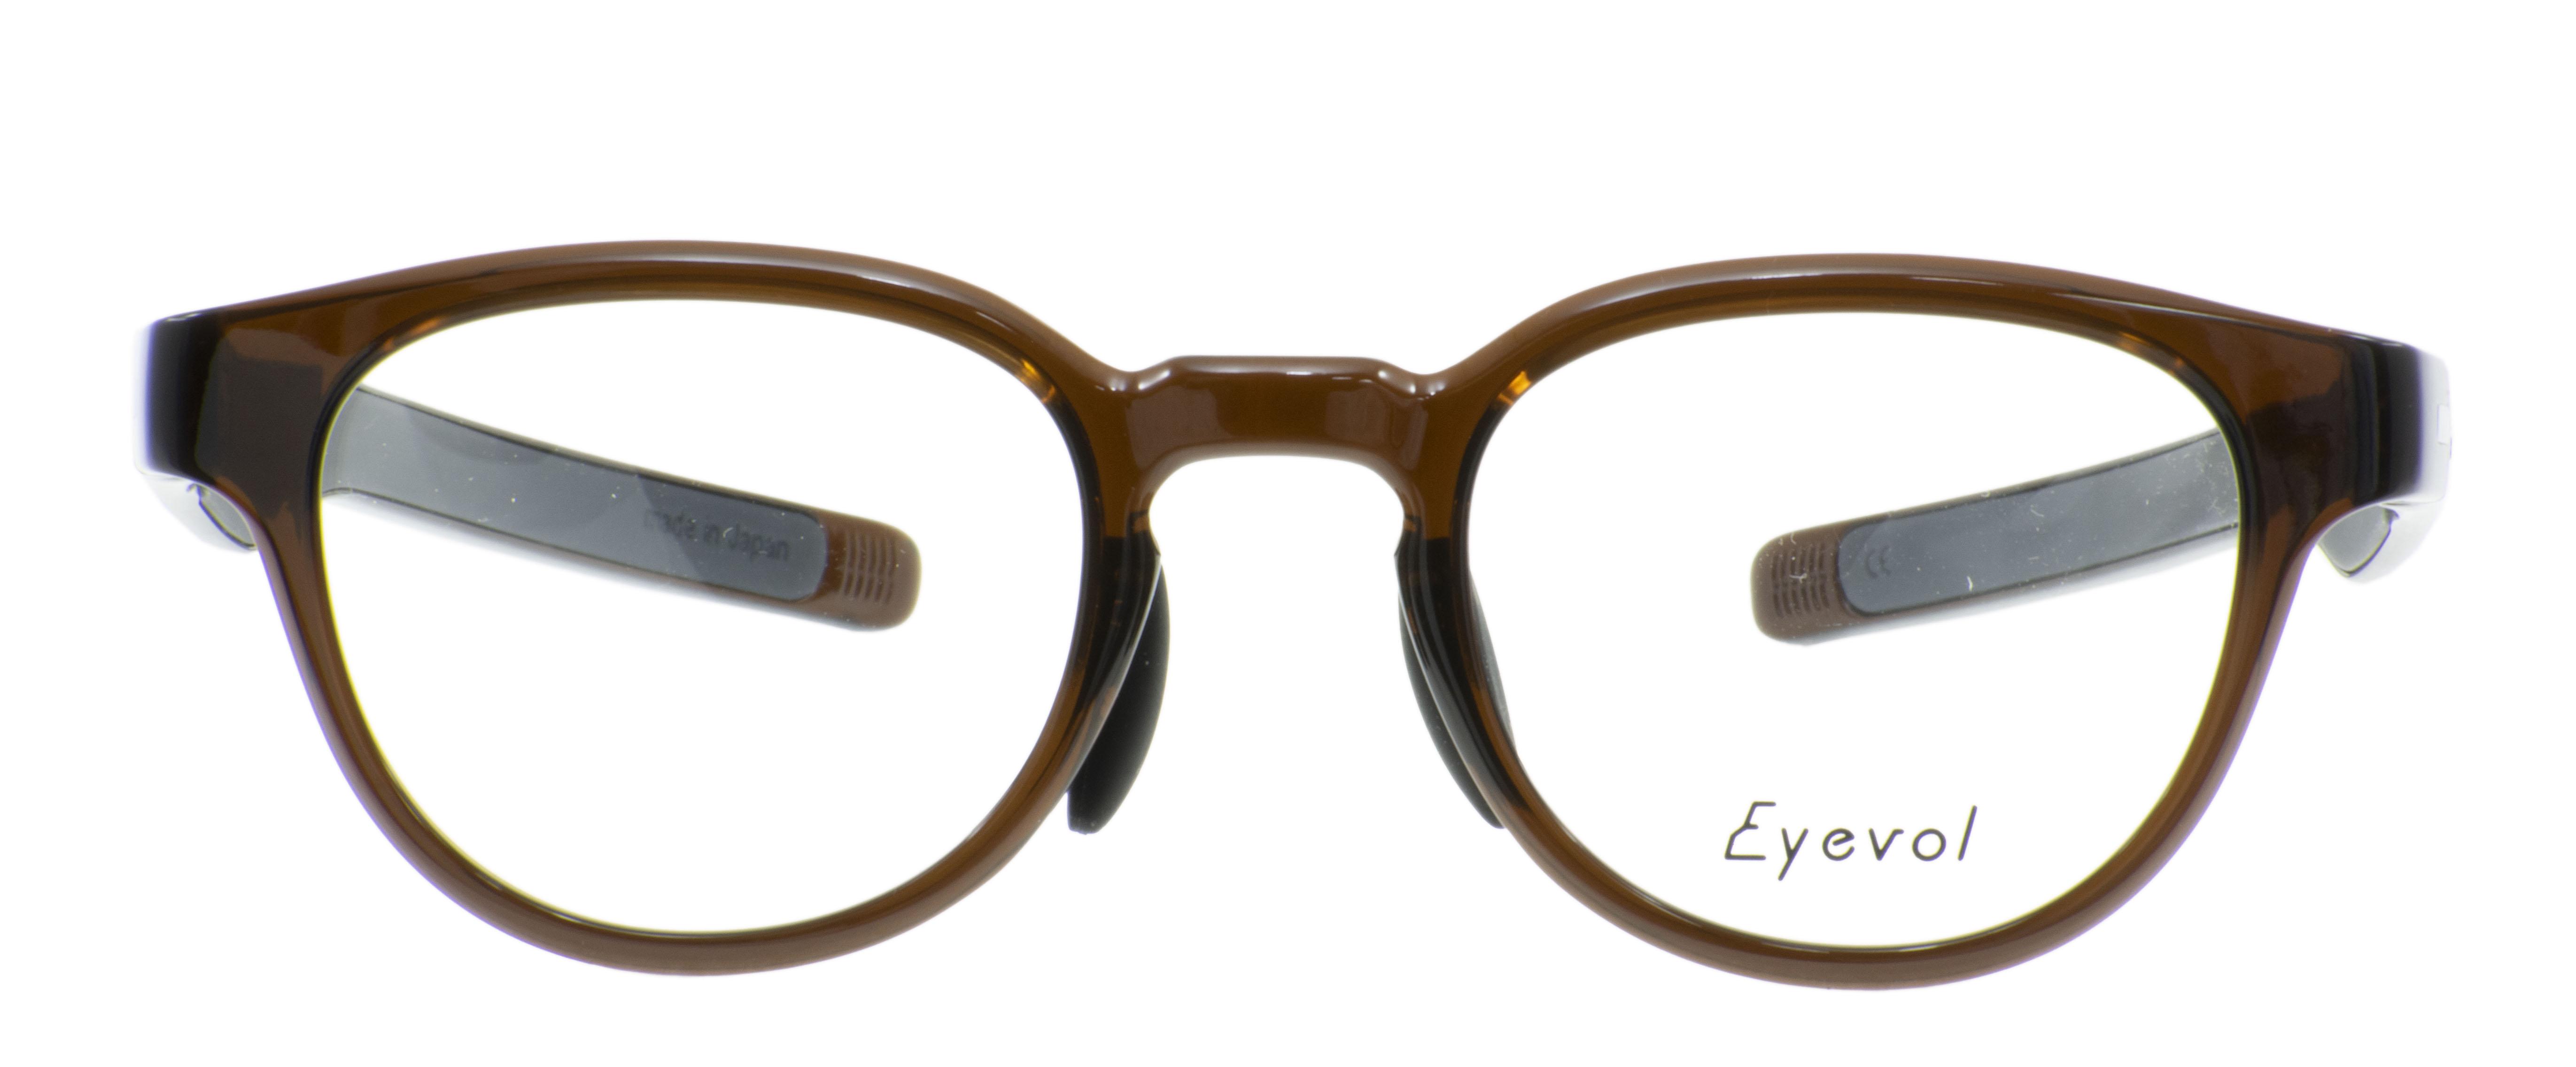 Eyevol BINGHAM 47 BRN LG ¥20,000 01